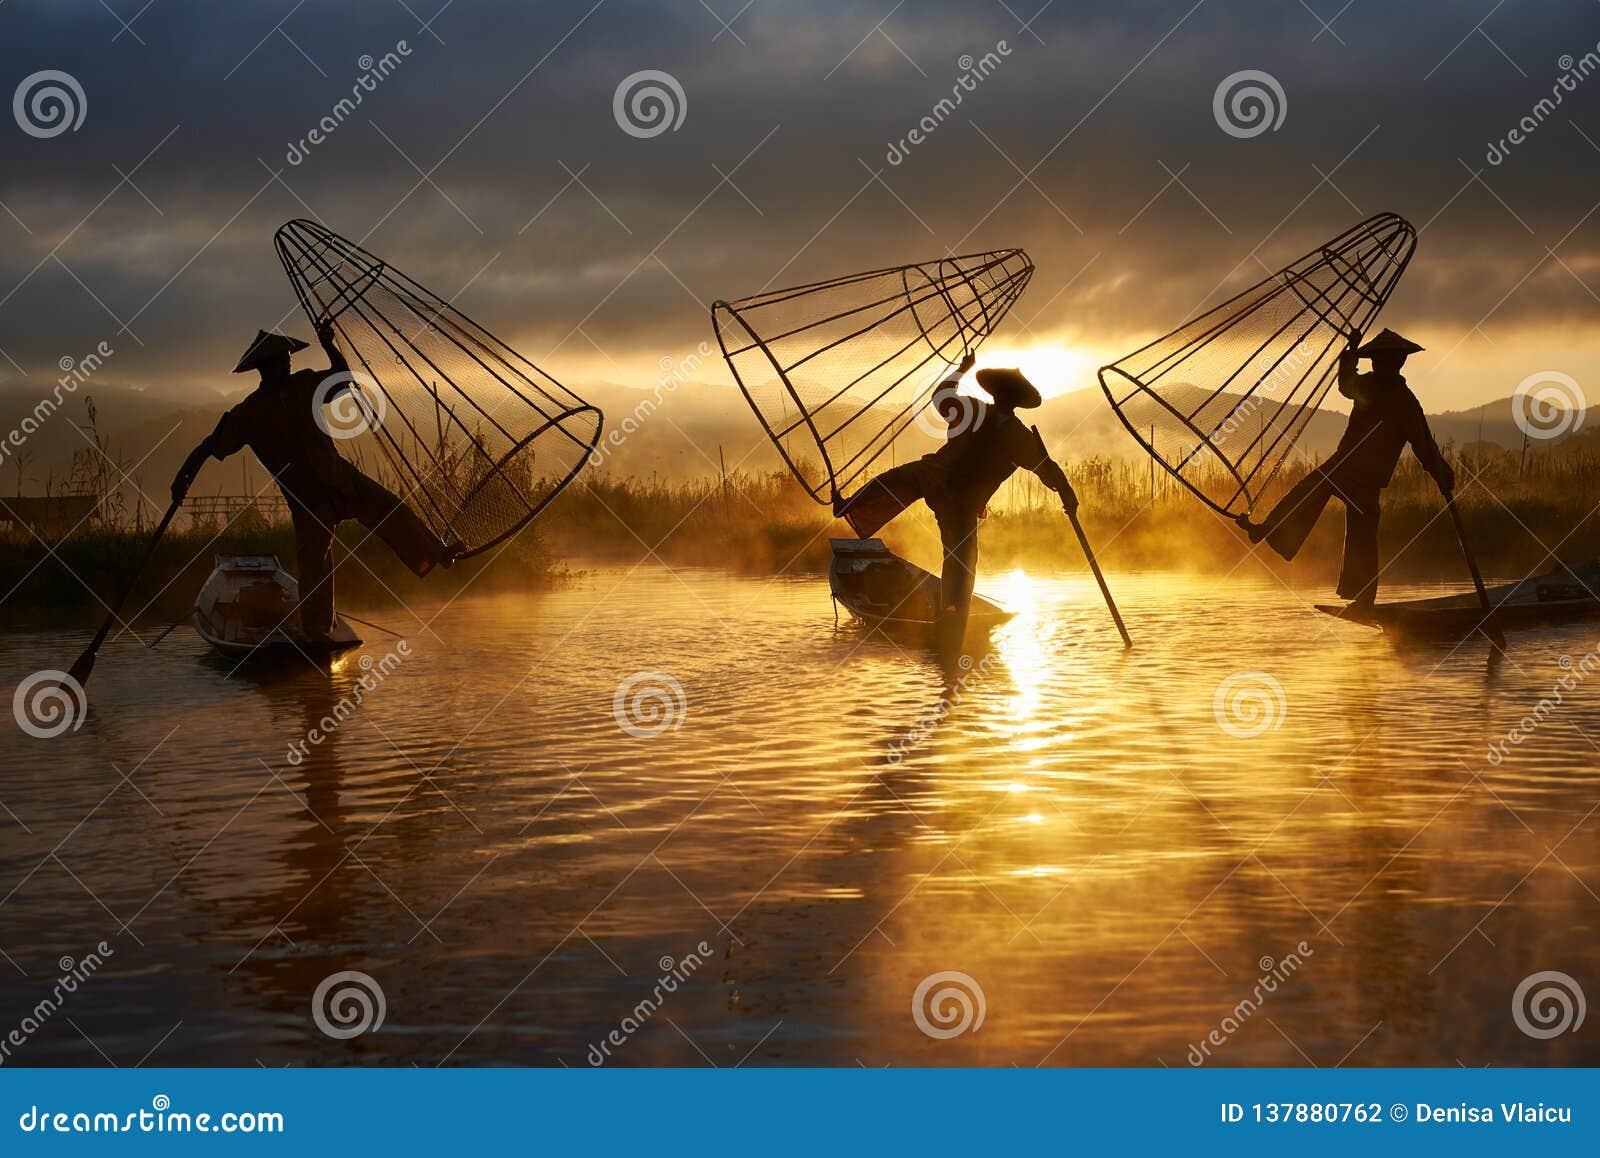 Lle siluette di tre pescatori sul lago Myanmar Inle